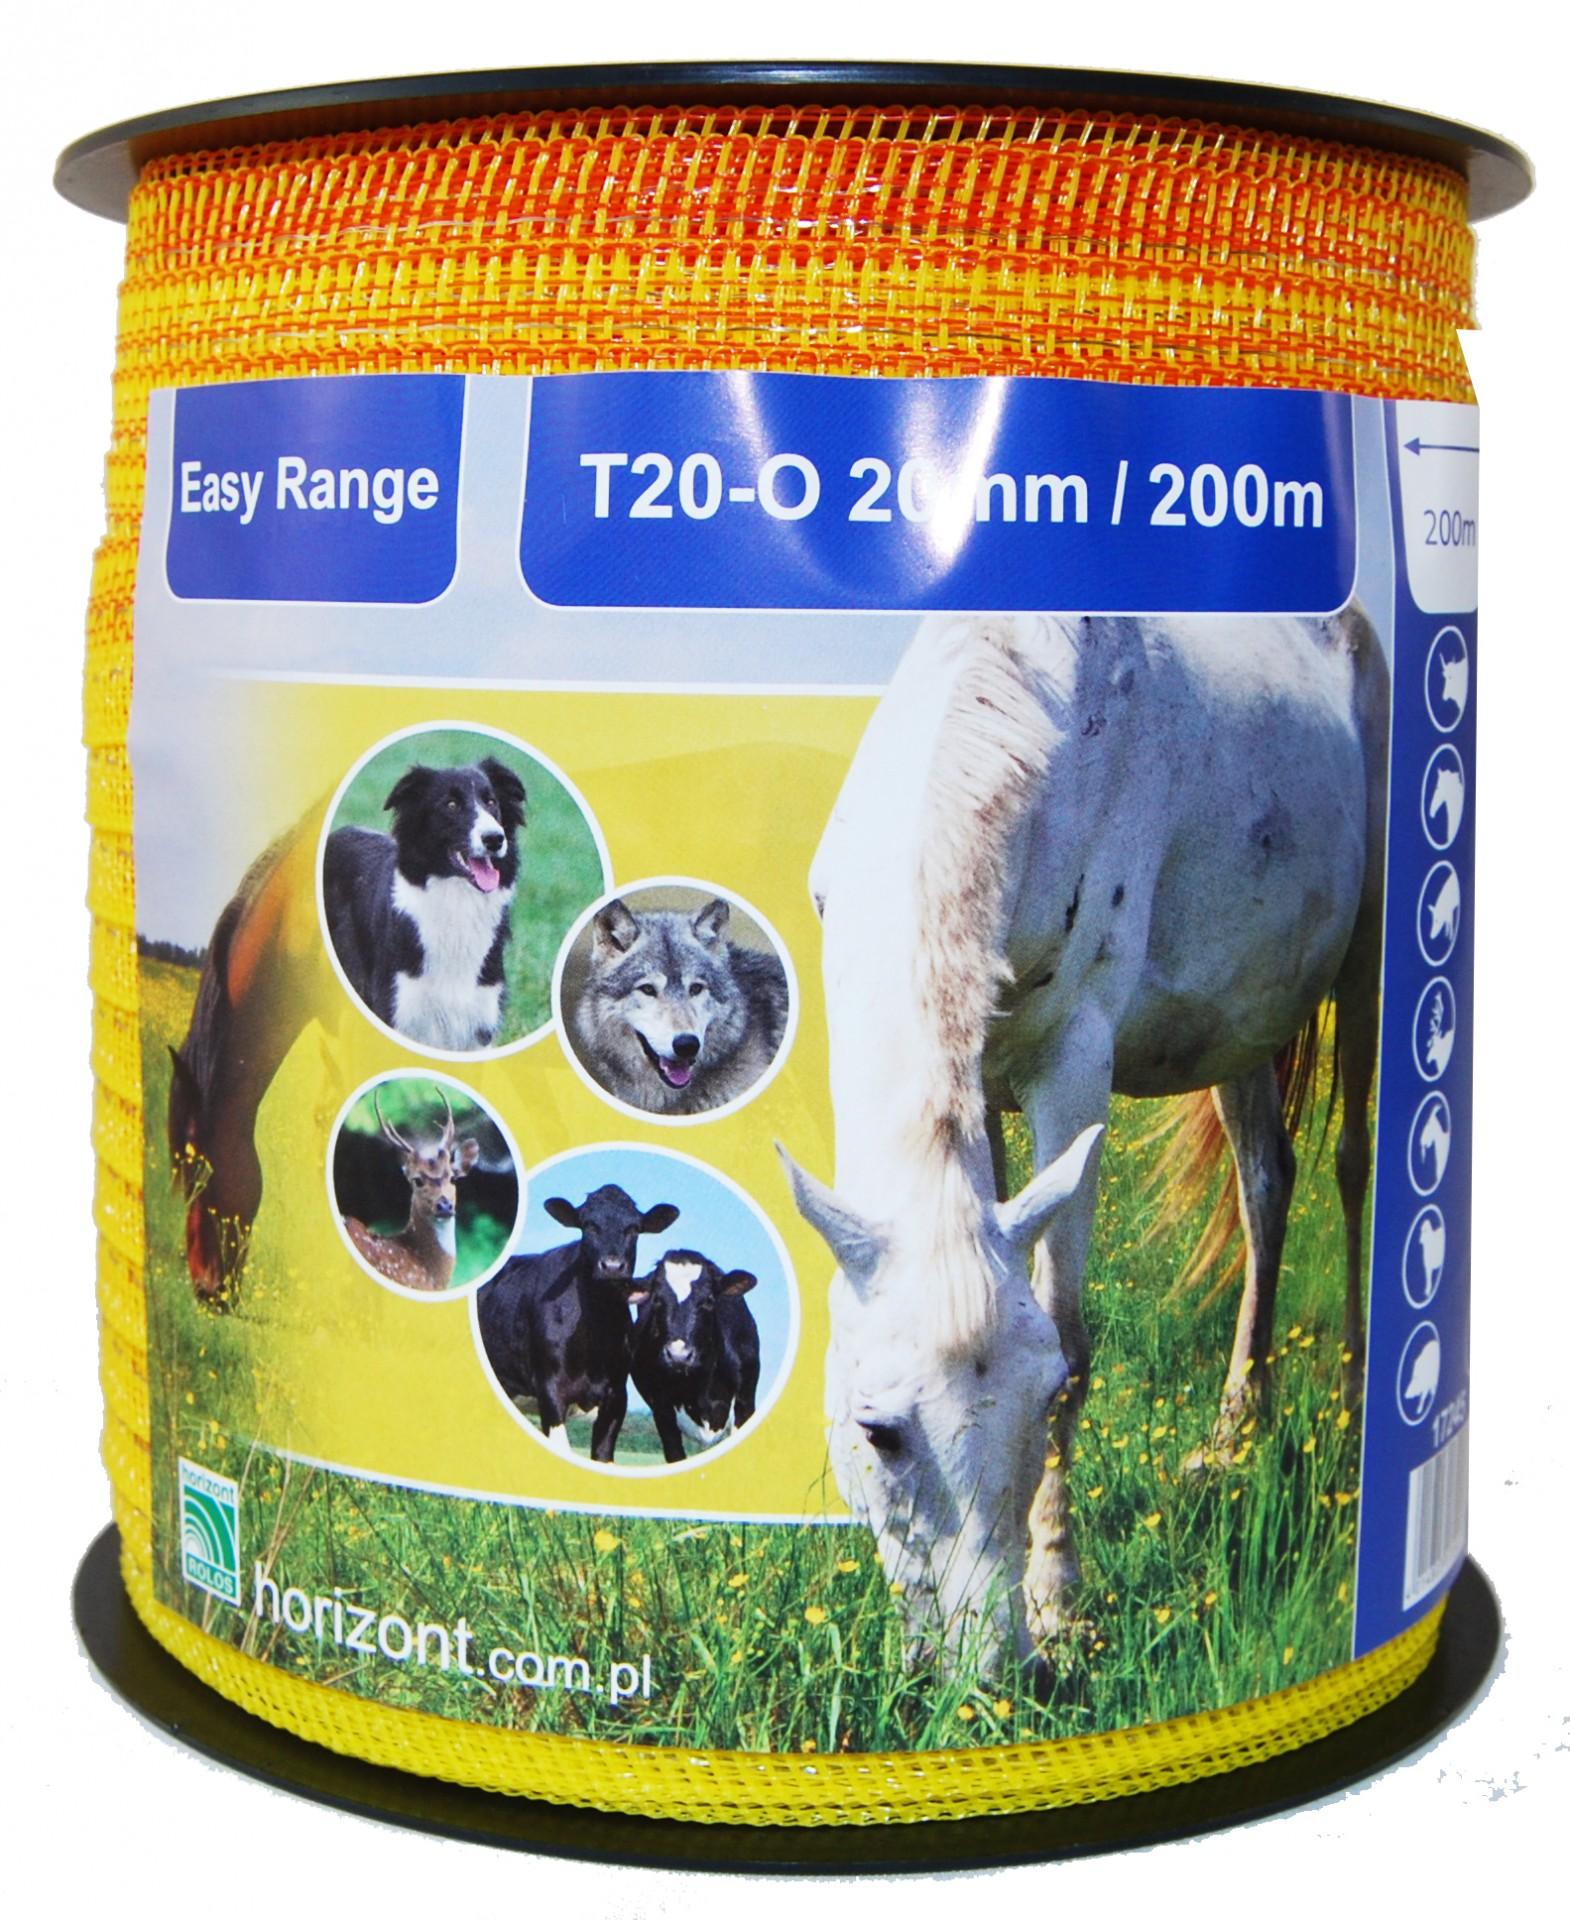 Ohradníková páska žlutooranžová EASY RANGE T20-O 20 mm / 200 m odpor 10,8 Ohm/m